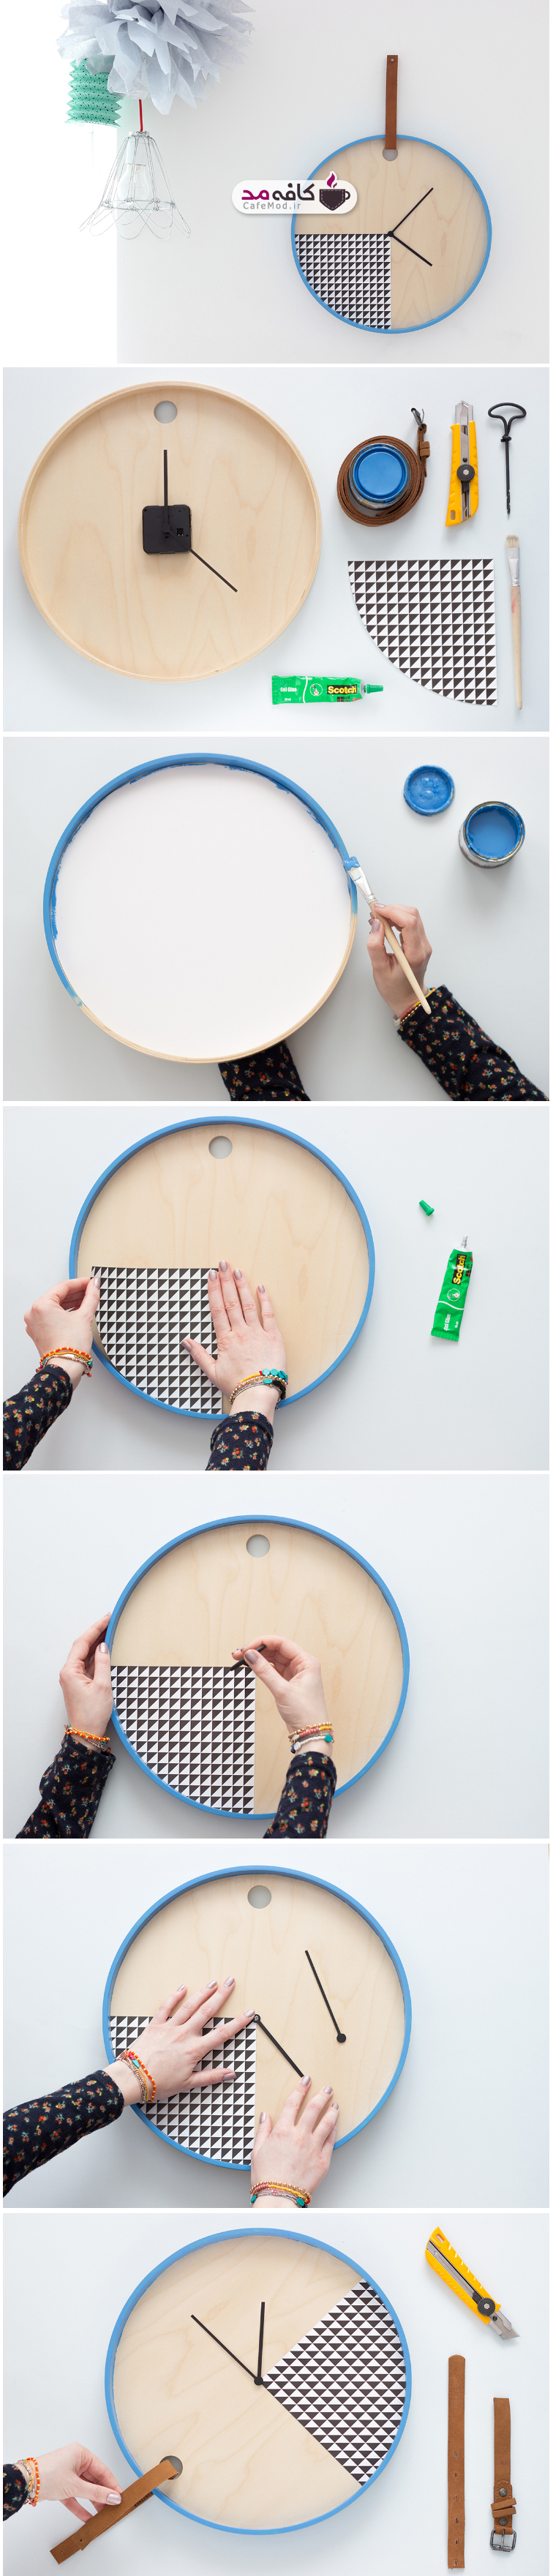 آموزش تصویری ساخت ساعت دیواری